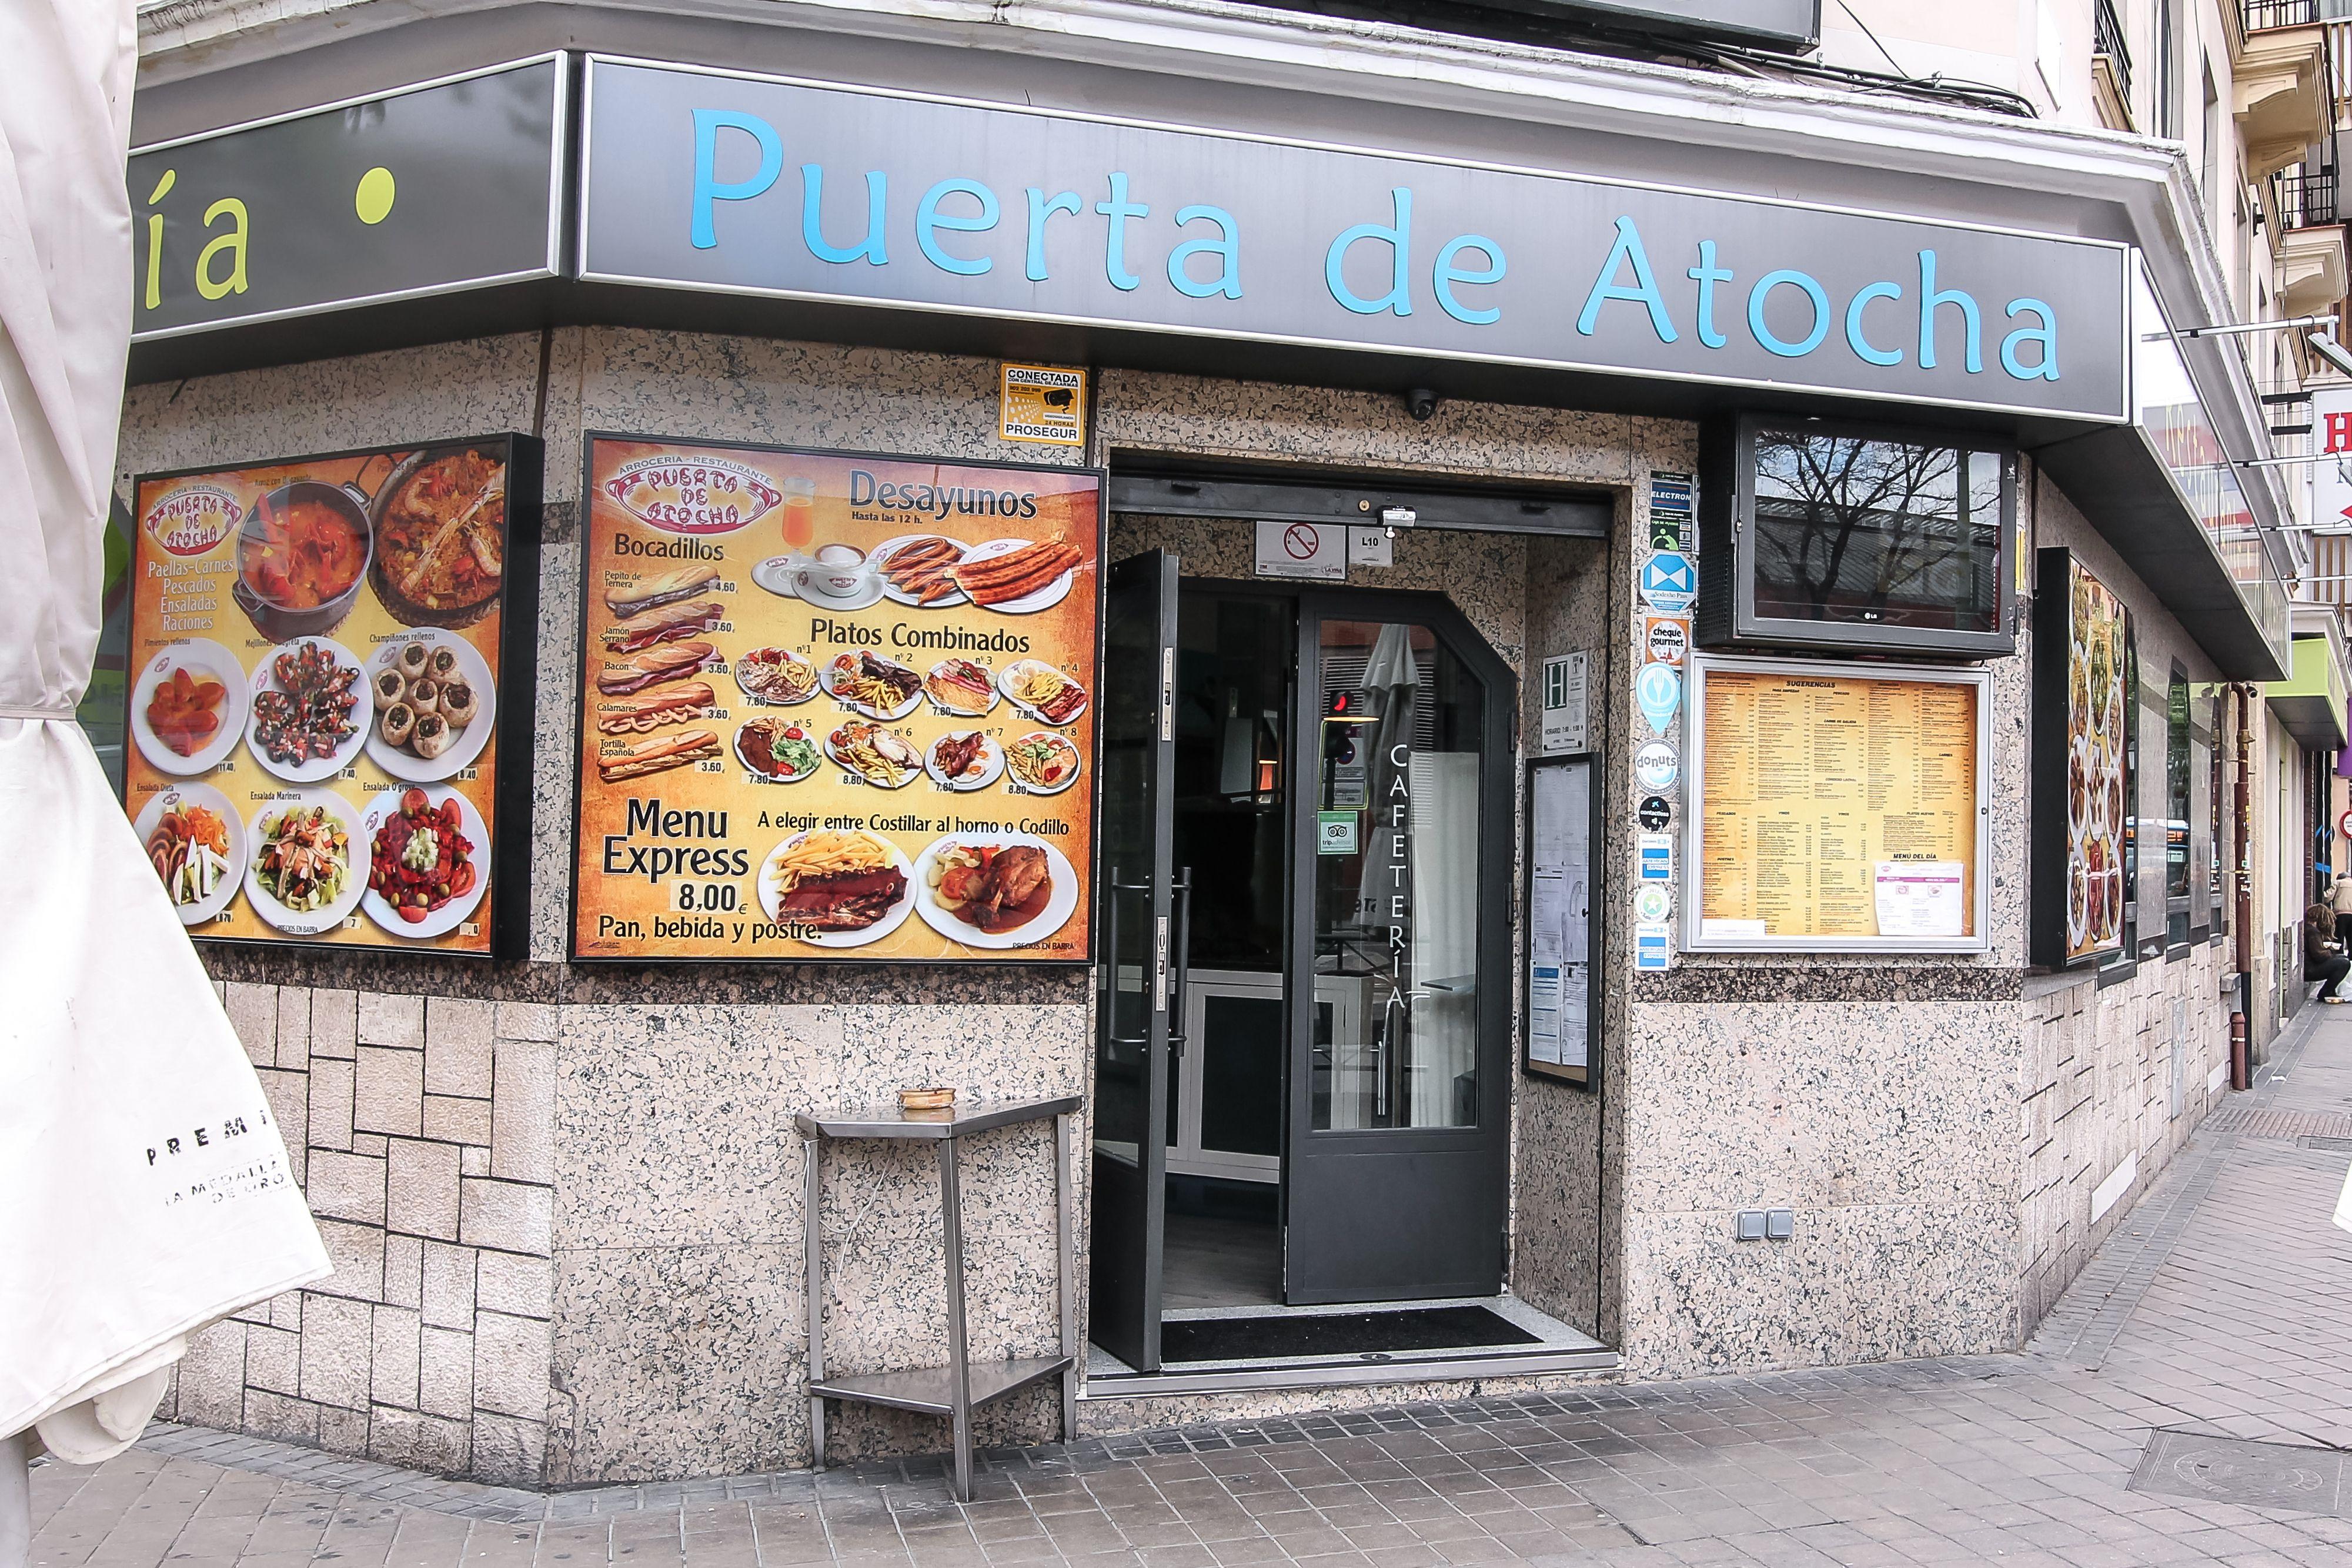 Foto 11 de arrocer a en madrid restaurante arrocer a puerta de atocha - Puerta de atocha ave ...